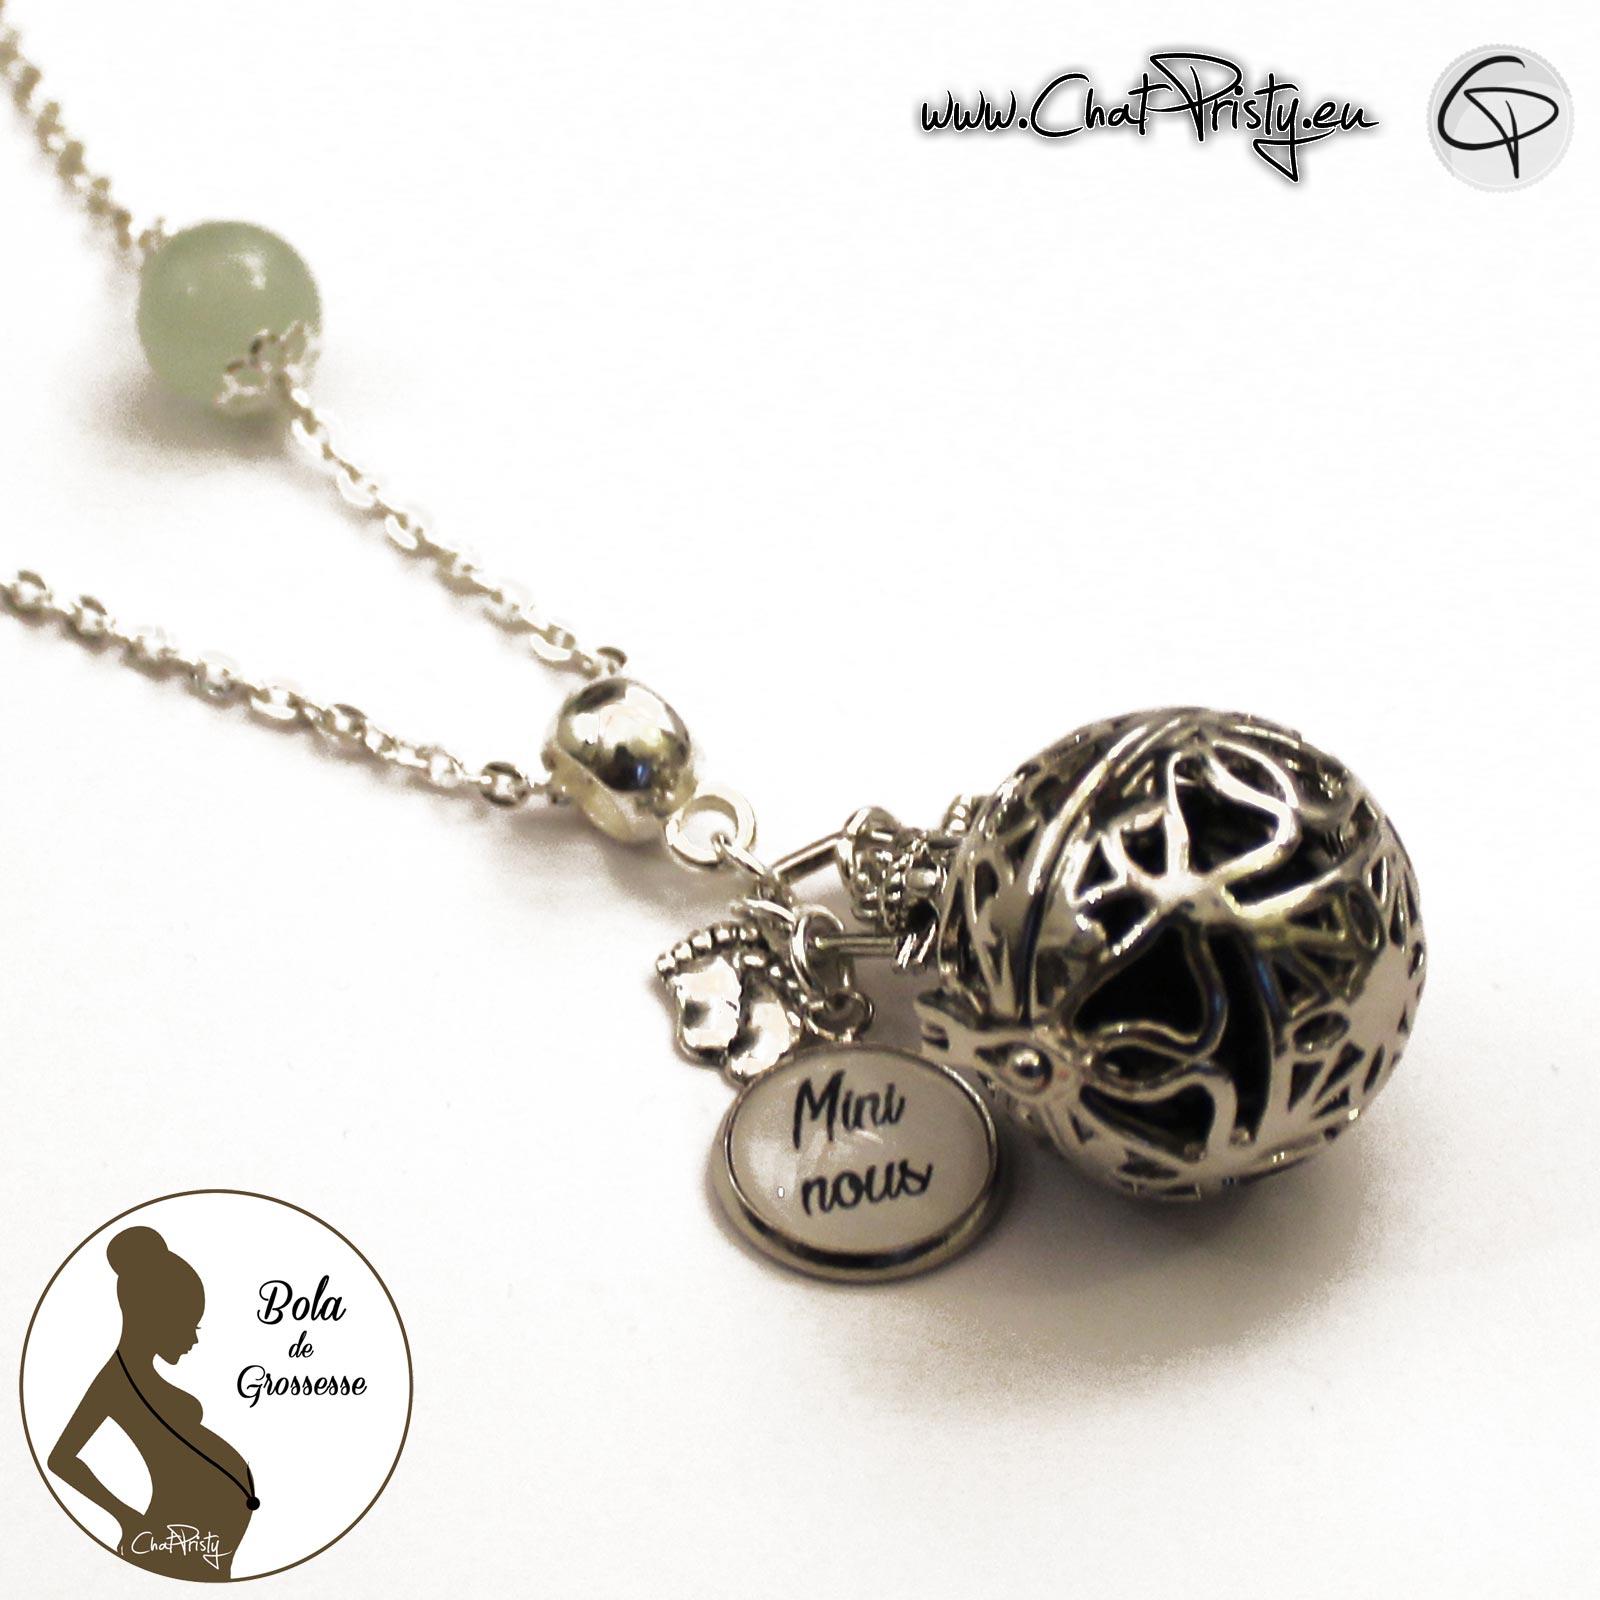 bijou femme enceinte bola de grossesse gémellaire médaillon à personnaliser avec un message pour jumelles ou jumeaux